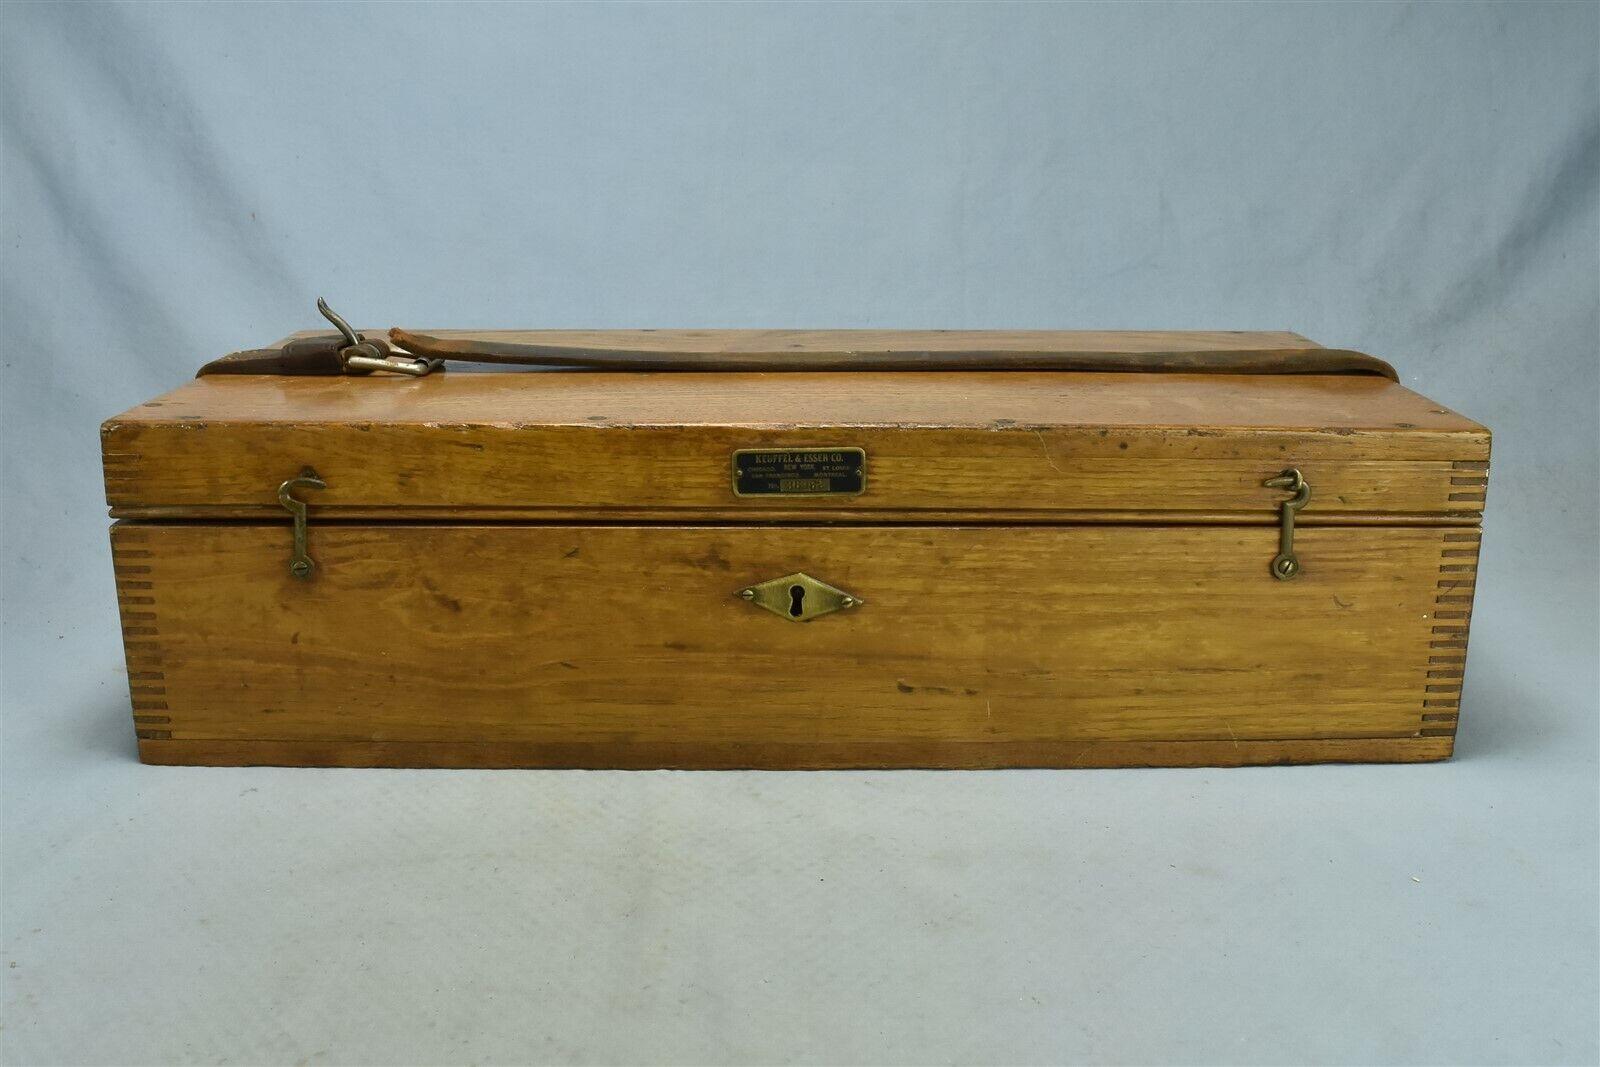 Antique KEUFFEL & ESSER SURVEYING TRANSIT #5205 #3606 ORIGINAL OAK CASE #02691